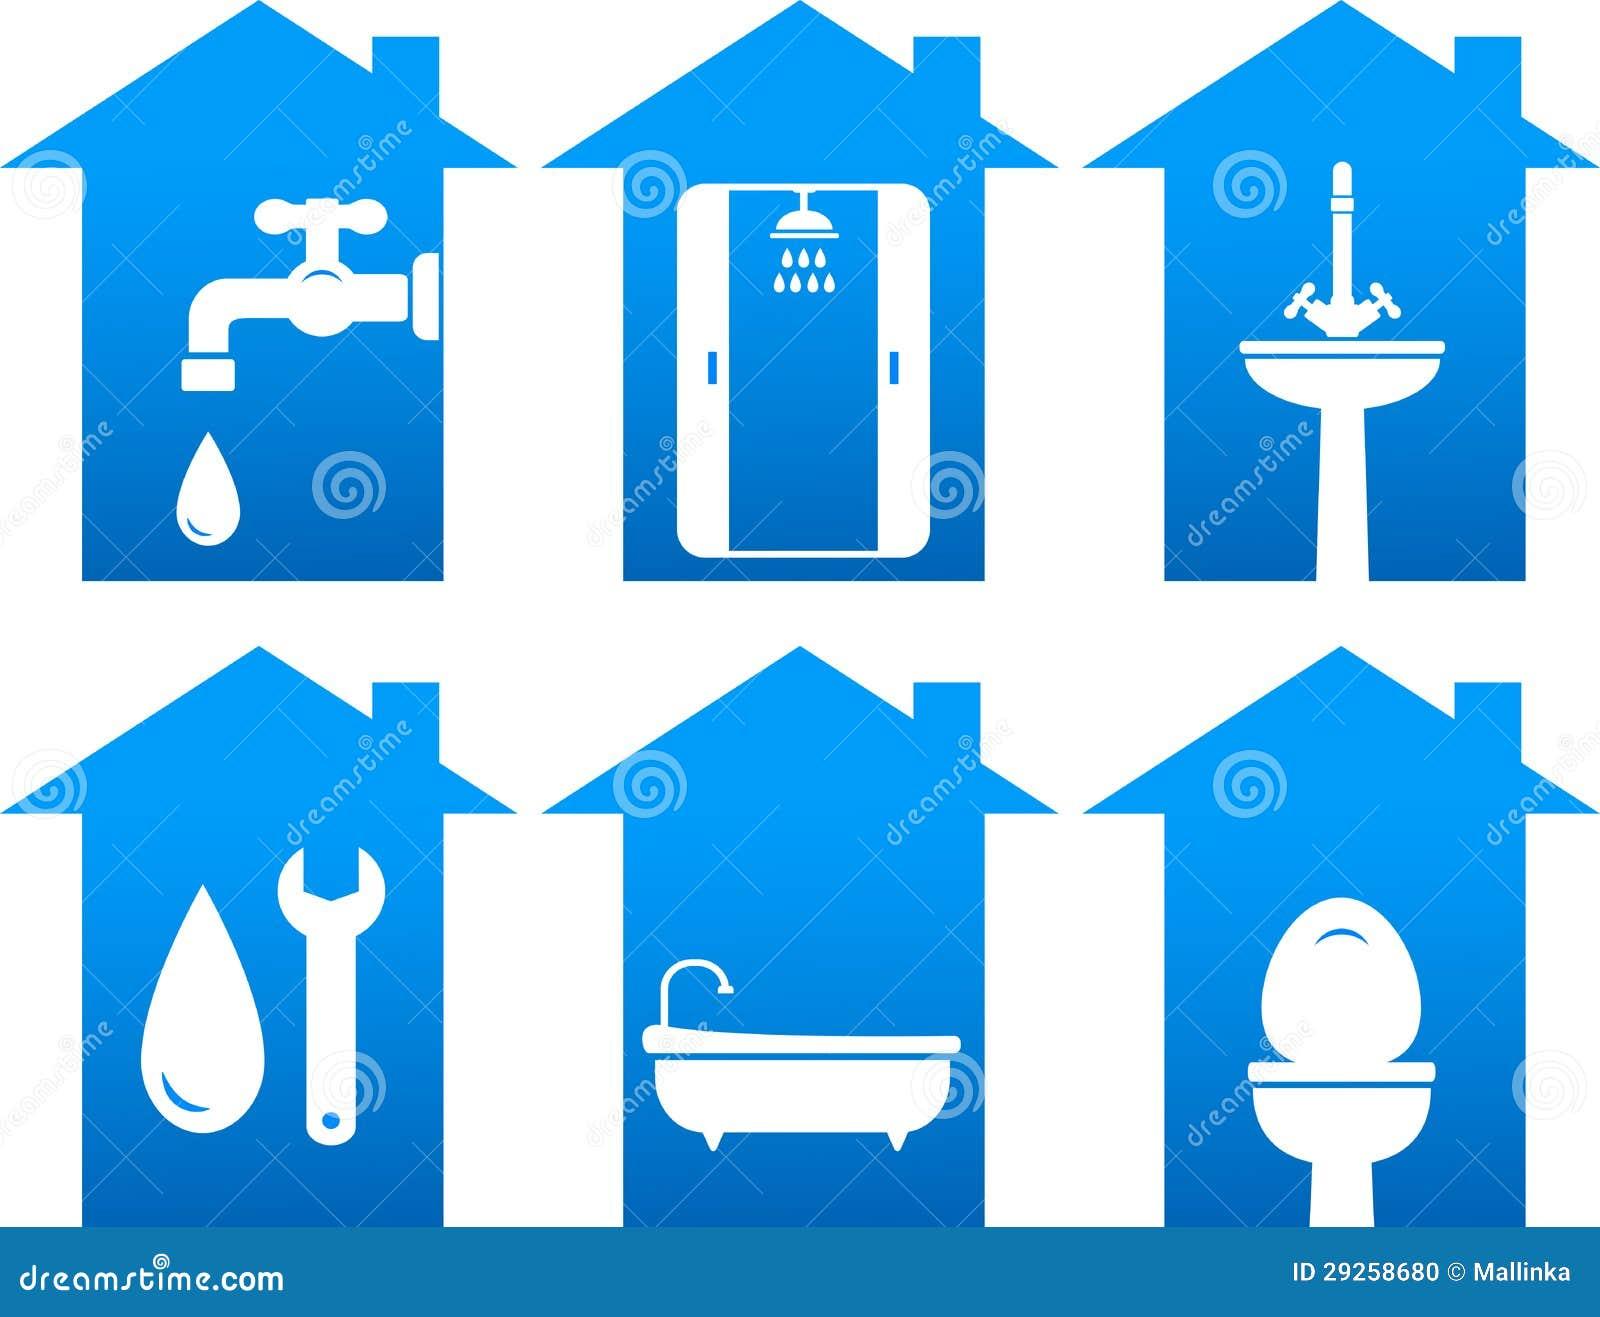 Plumbing Set Of Bathroom Icons Stock Photo Image 29258680